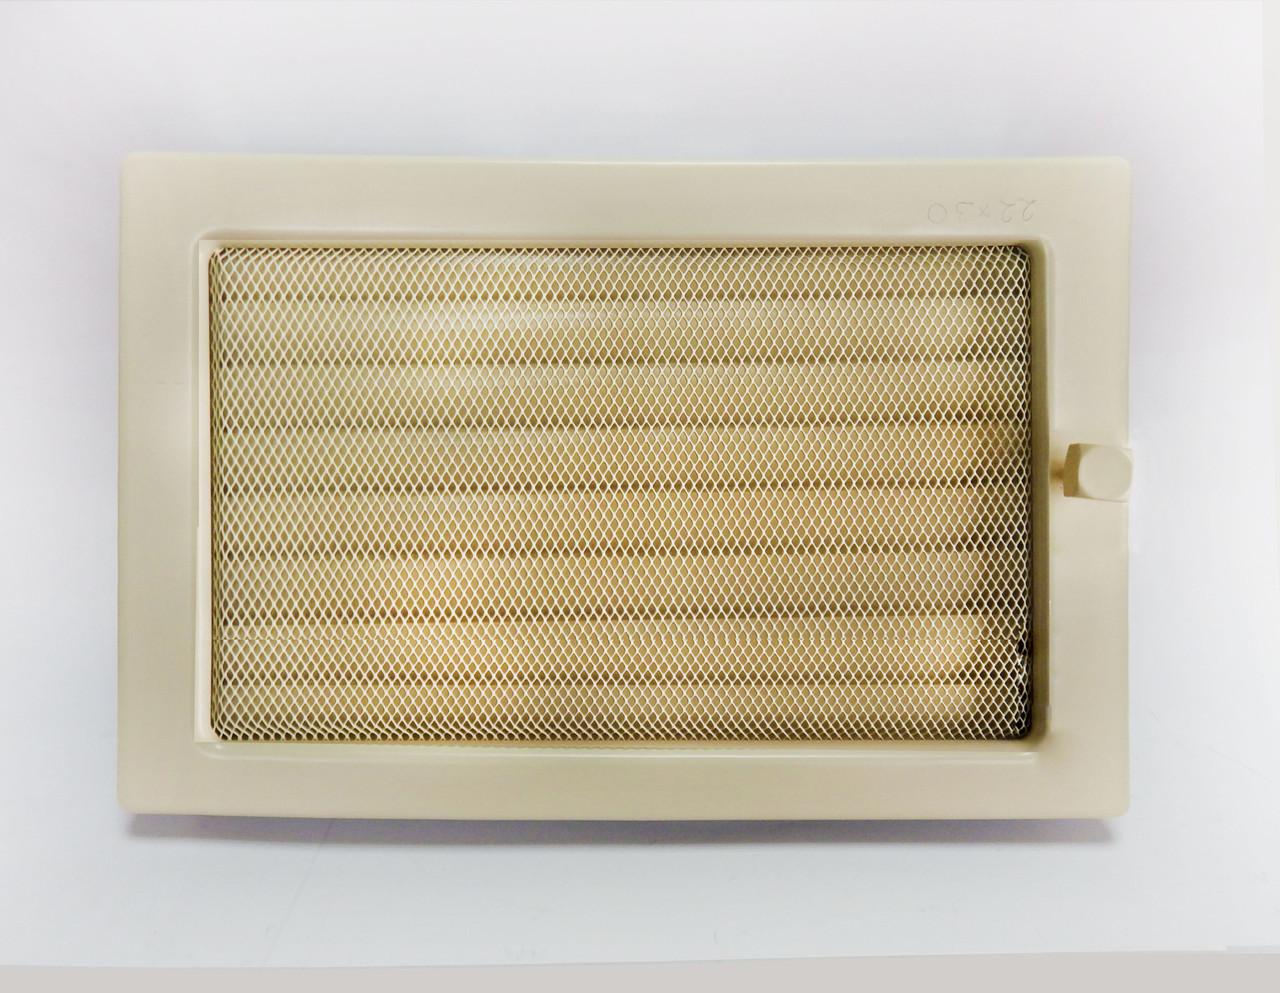 Решетка каминная крашеная с жалюзи, 22x30 см